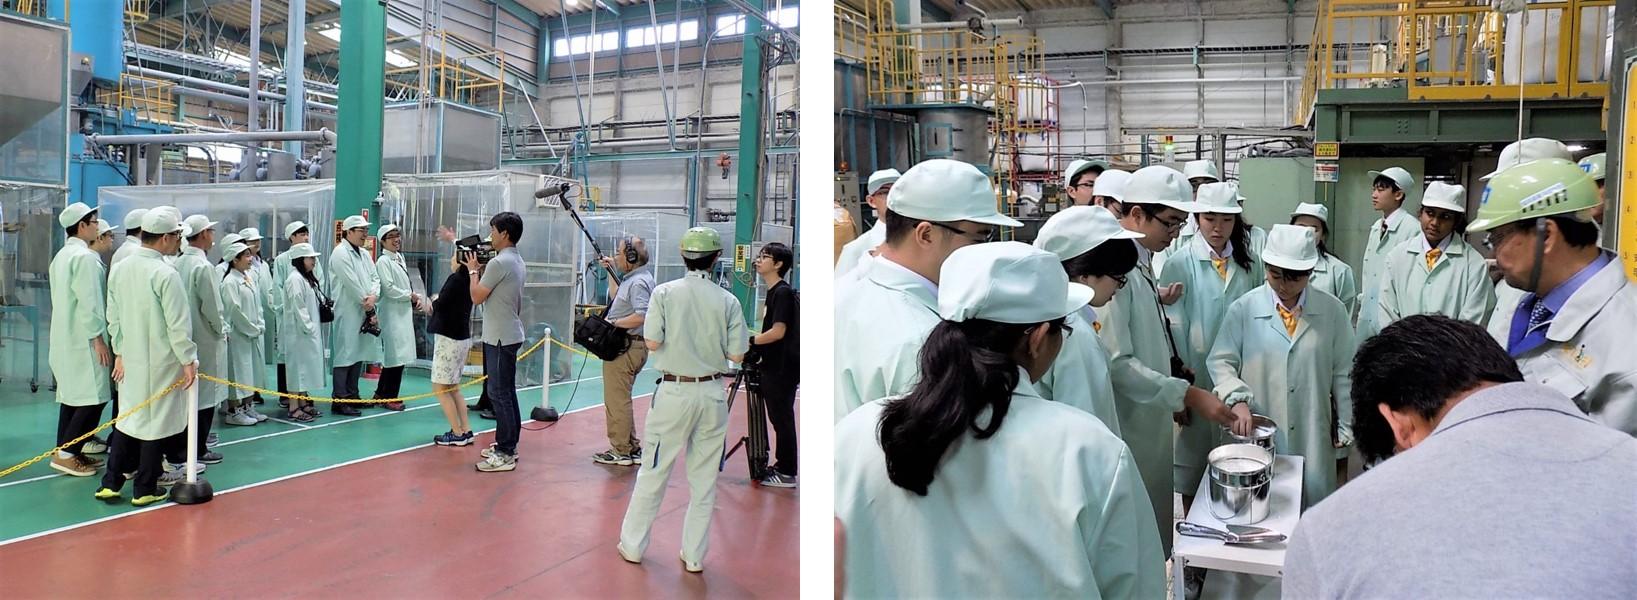 協栄産業 ジャパンテック ペットボトル PETボトル リサイクル ボトルtoボトル 工場見学 水平リサイクル アングロ・チャイニーズ・インデペンデント シンガポール 修学旅行 小山市 インバウンド NHKワールドJAPAN Biz Stream 取材